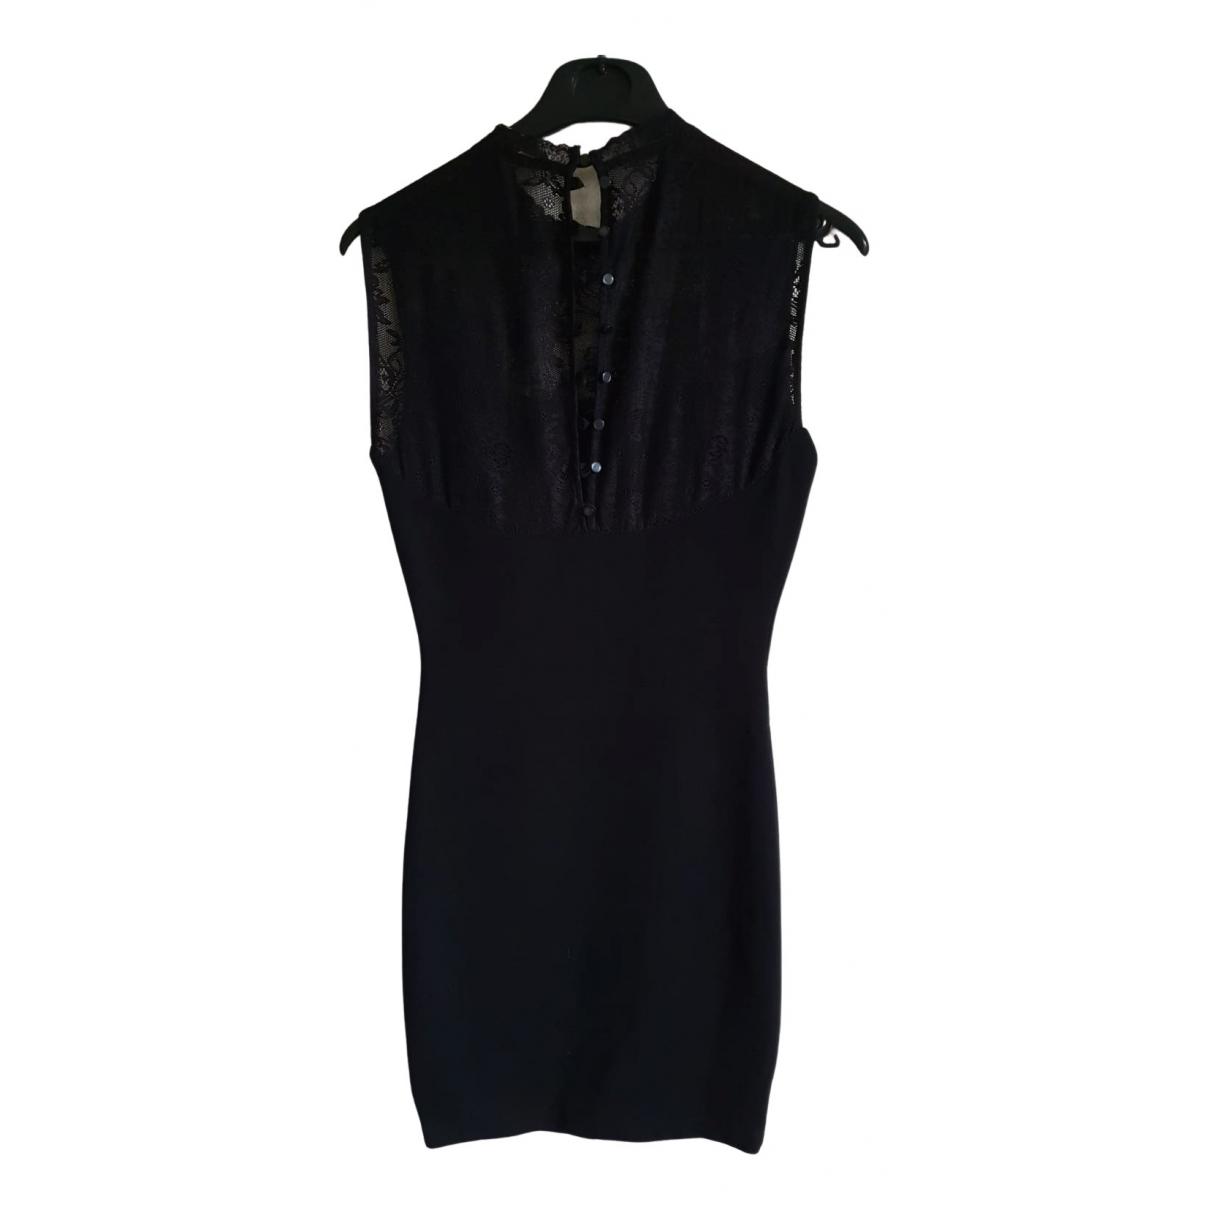 Zara \N Kleid in  Schwarz Synthetik